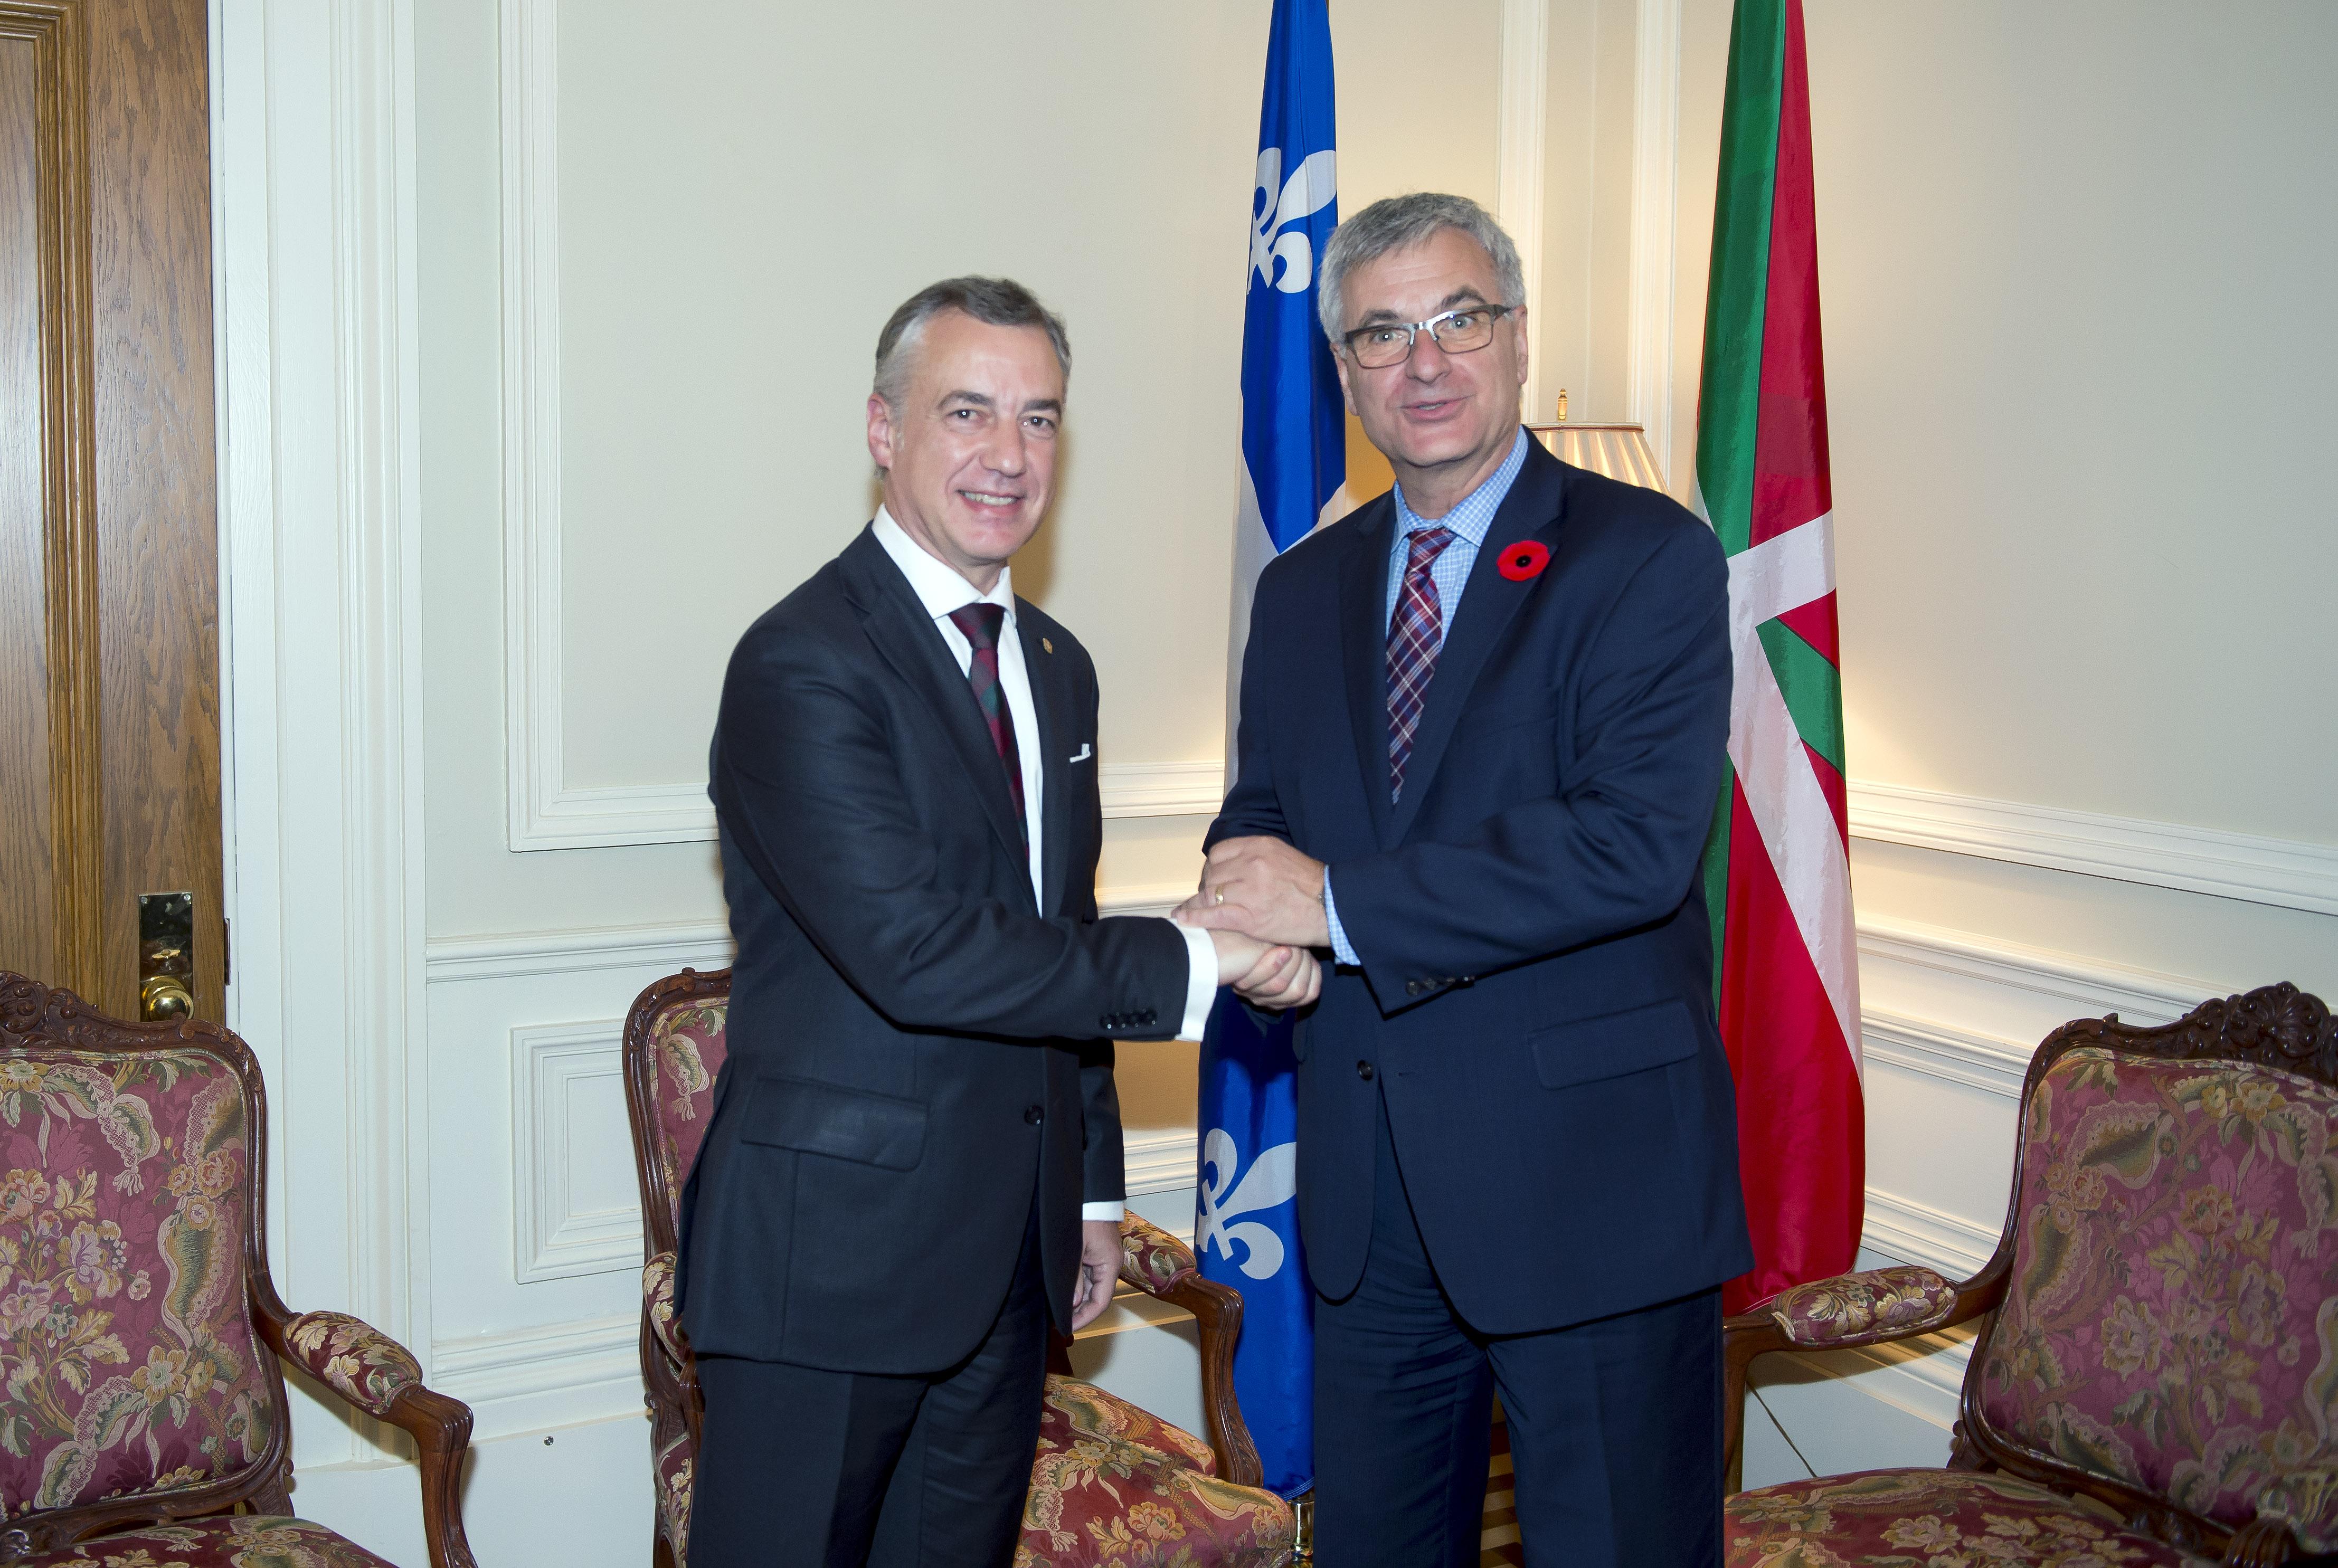 2017_10_31_lhk_ministro_relaciones_canadienses.jpg